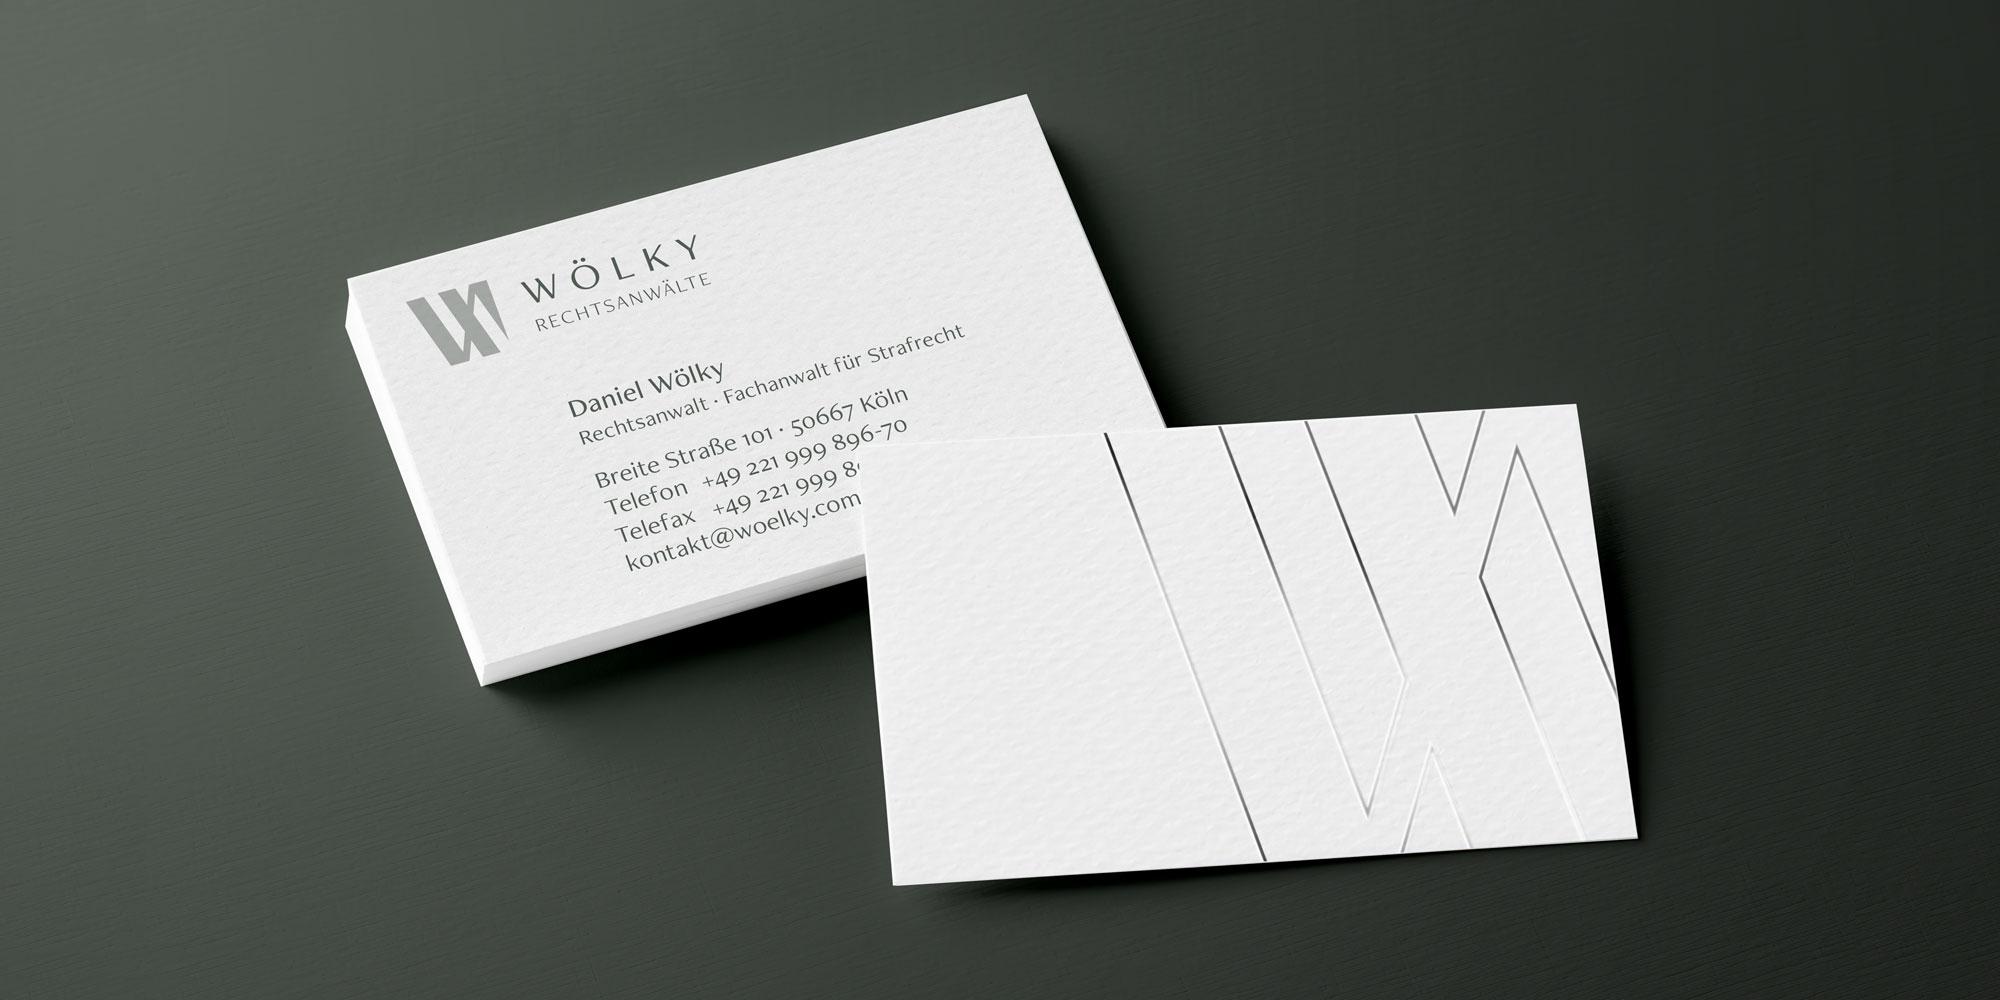 Visitenkarten der Rechtsanwaltskanzlei Woelky